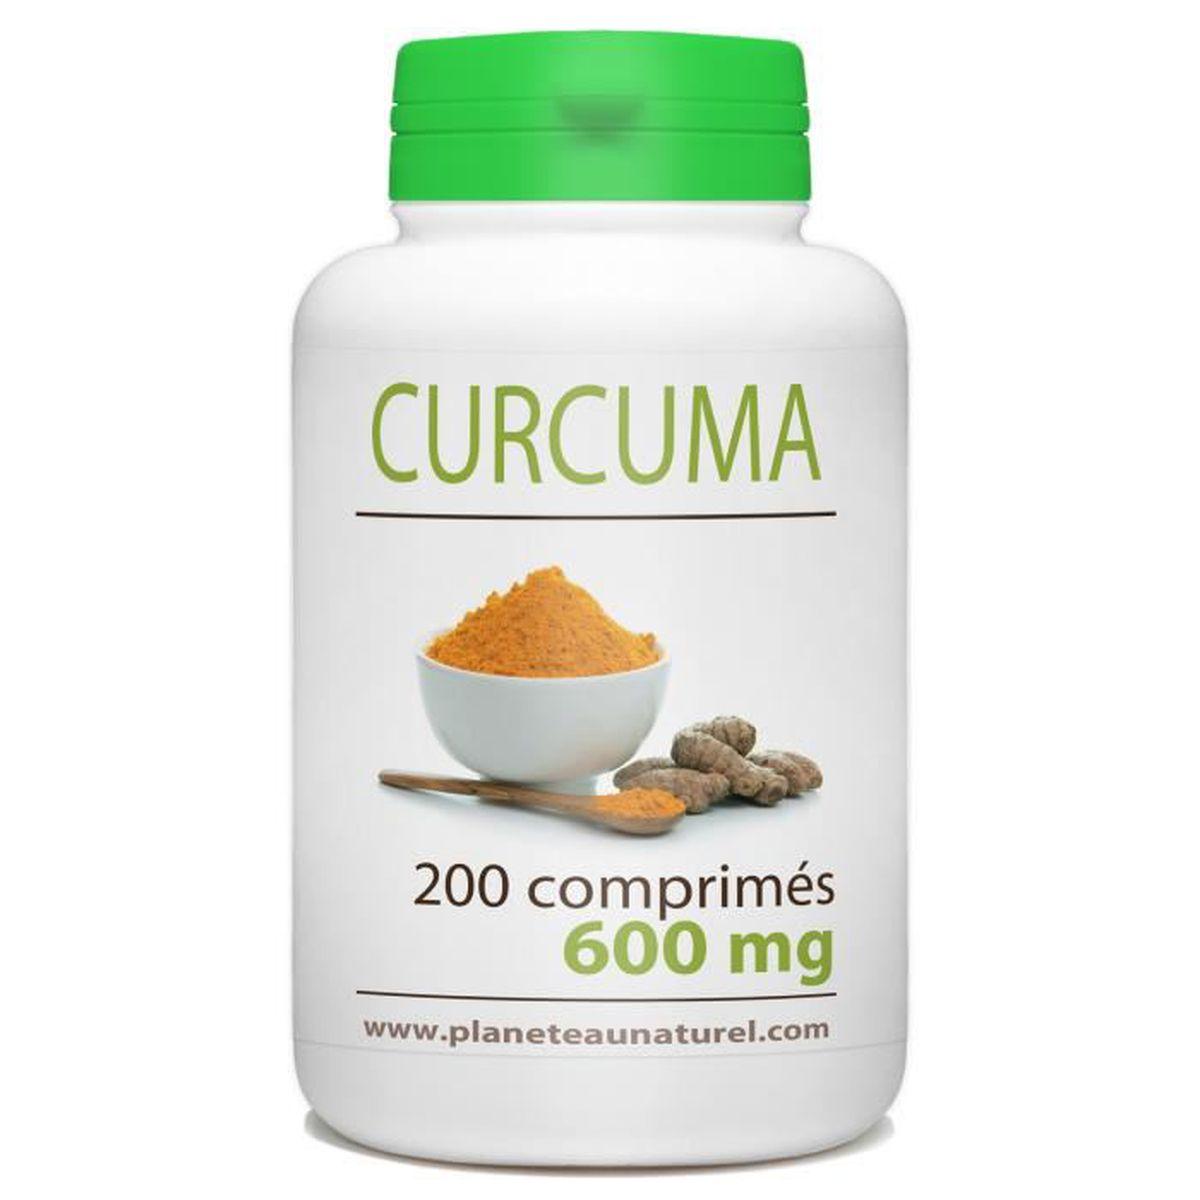 COMPLÉMENT ARTICULATION Curcuma - 600 mg - 200 comprimés